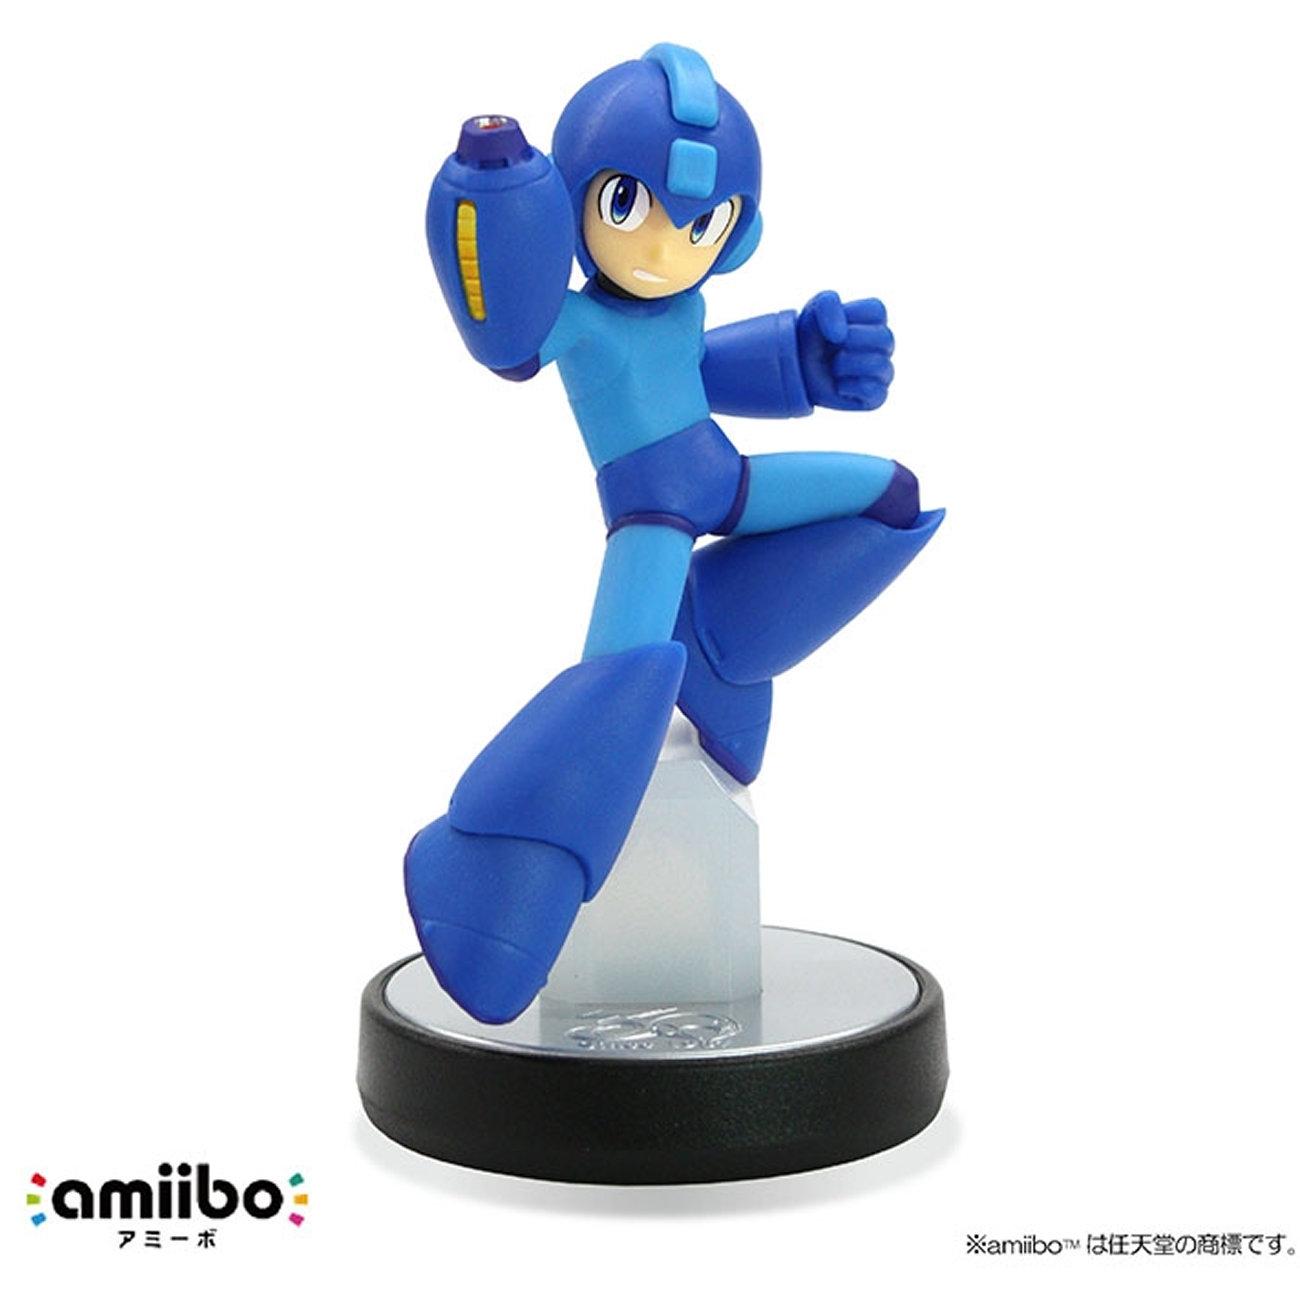 ロックマン、新作の発売に合わせて新型amiibo。限定版